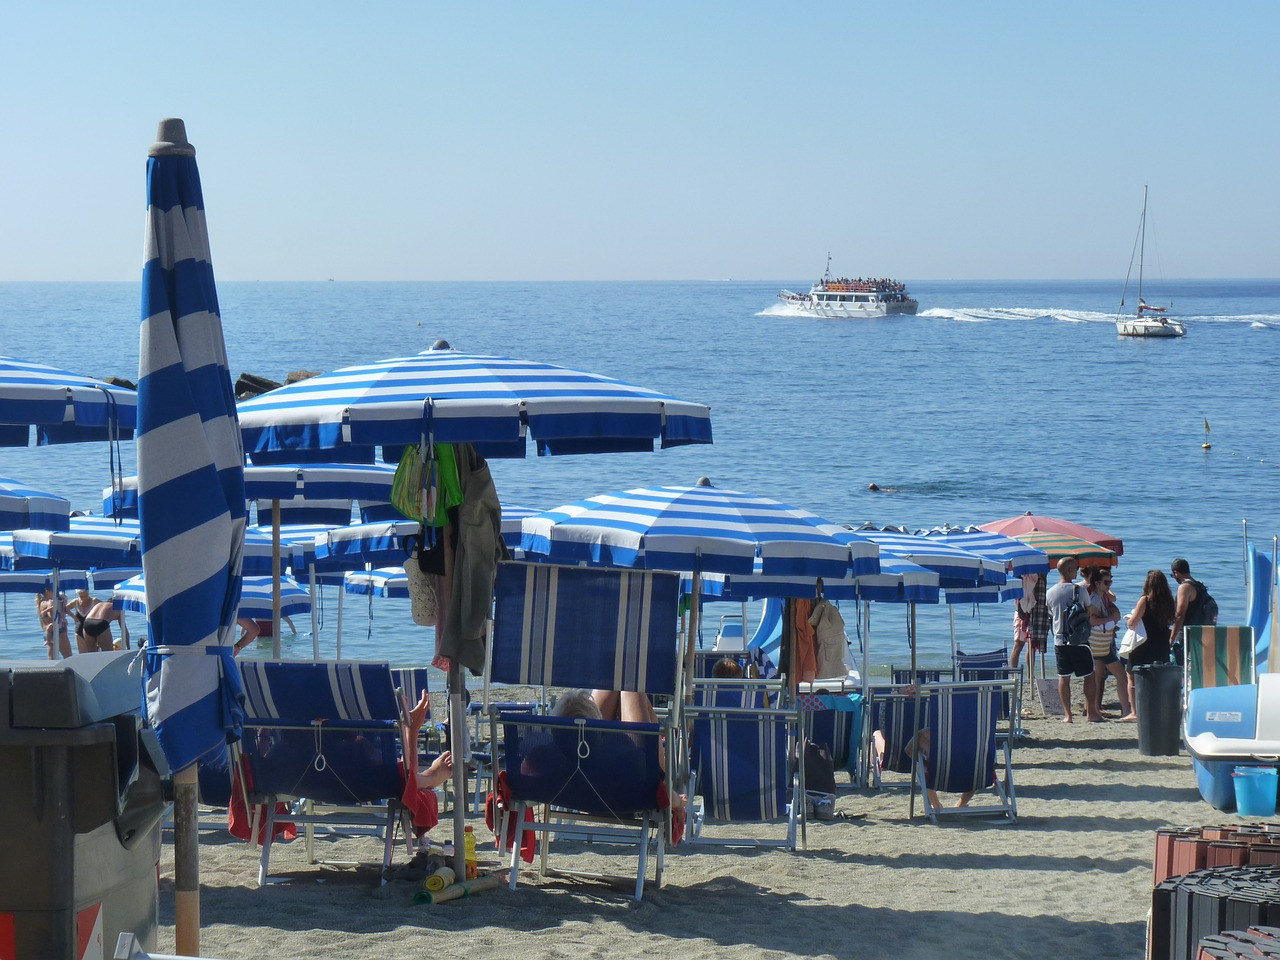 Έρχεται νέο νομοσχέδιο για αιγιαλό - παραλία